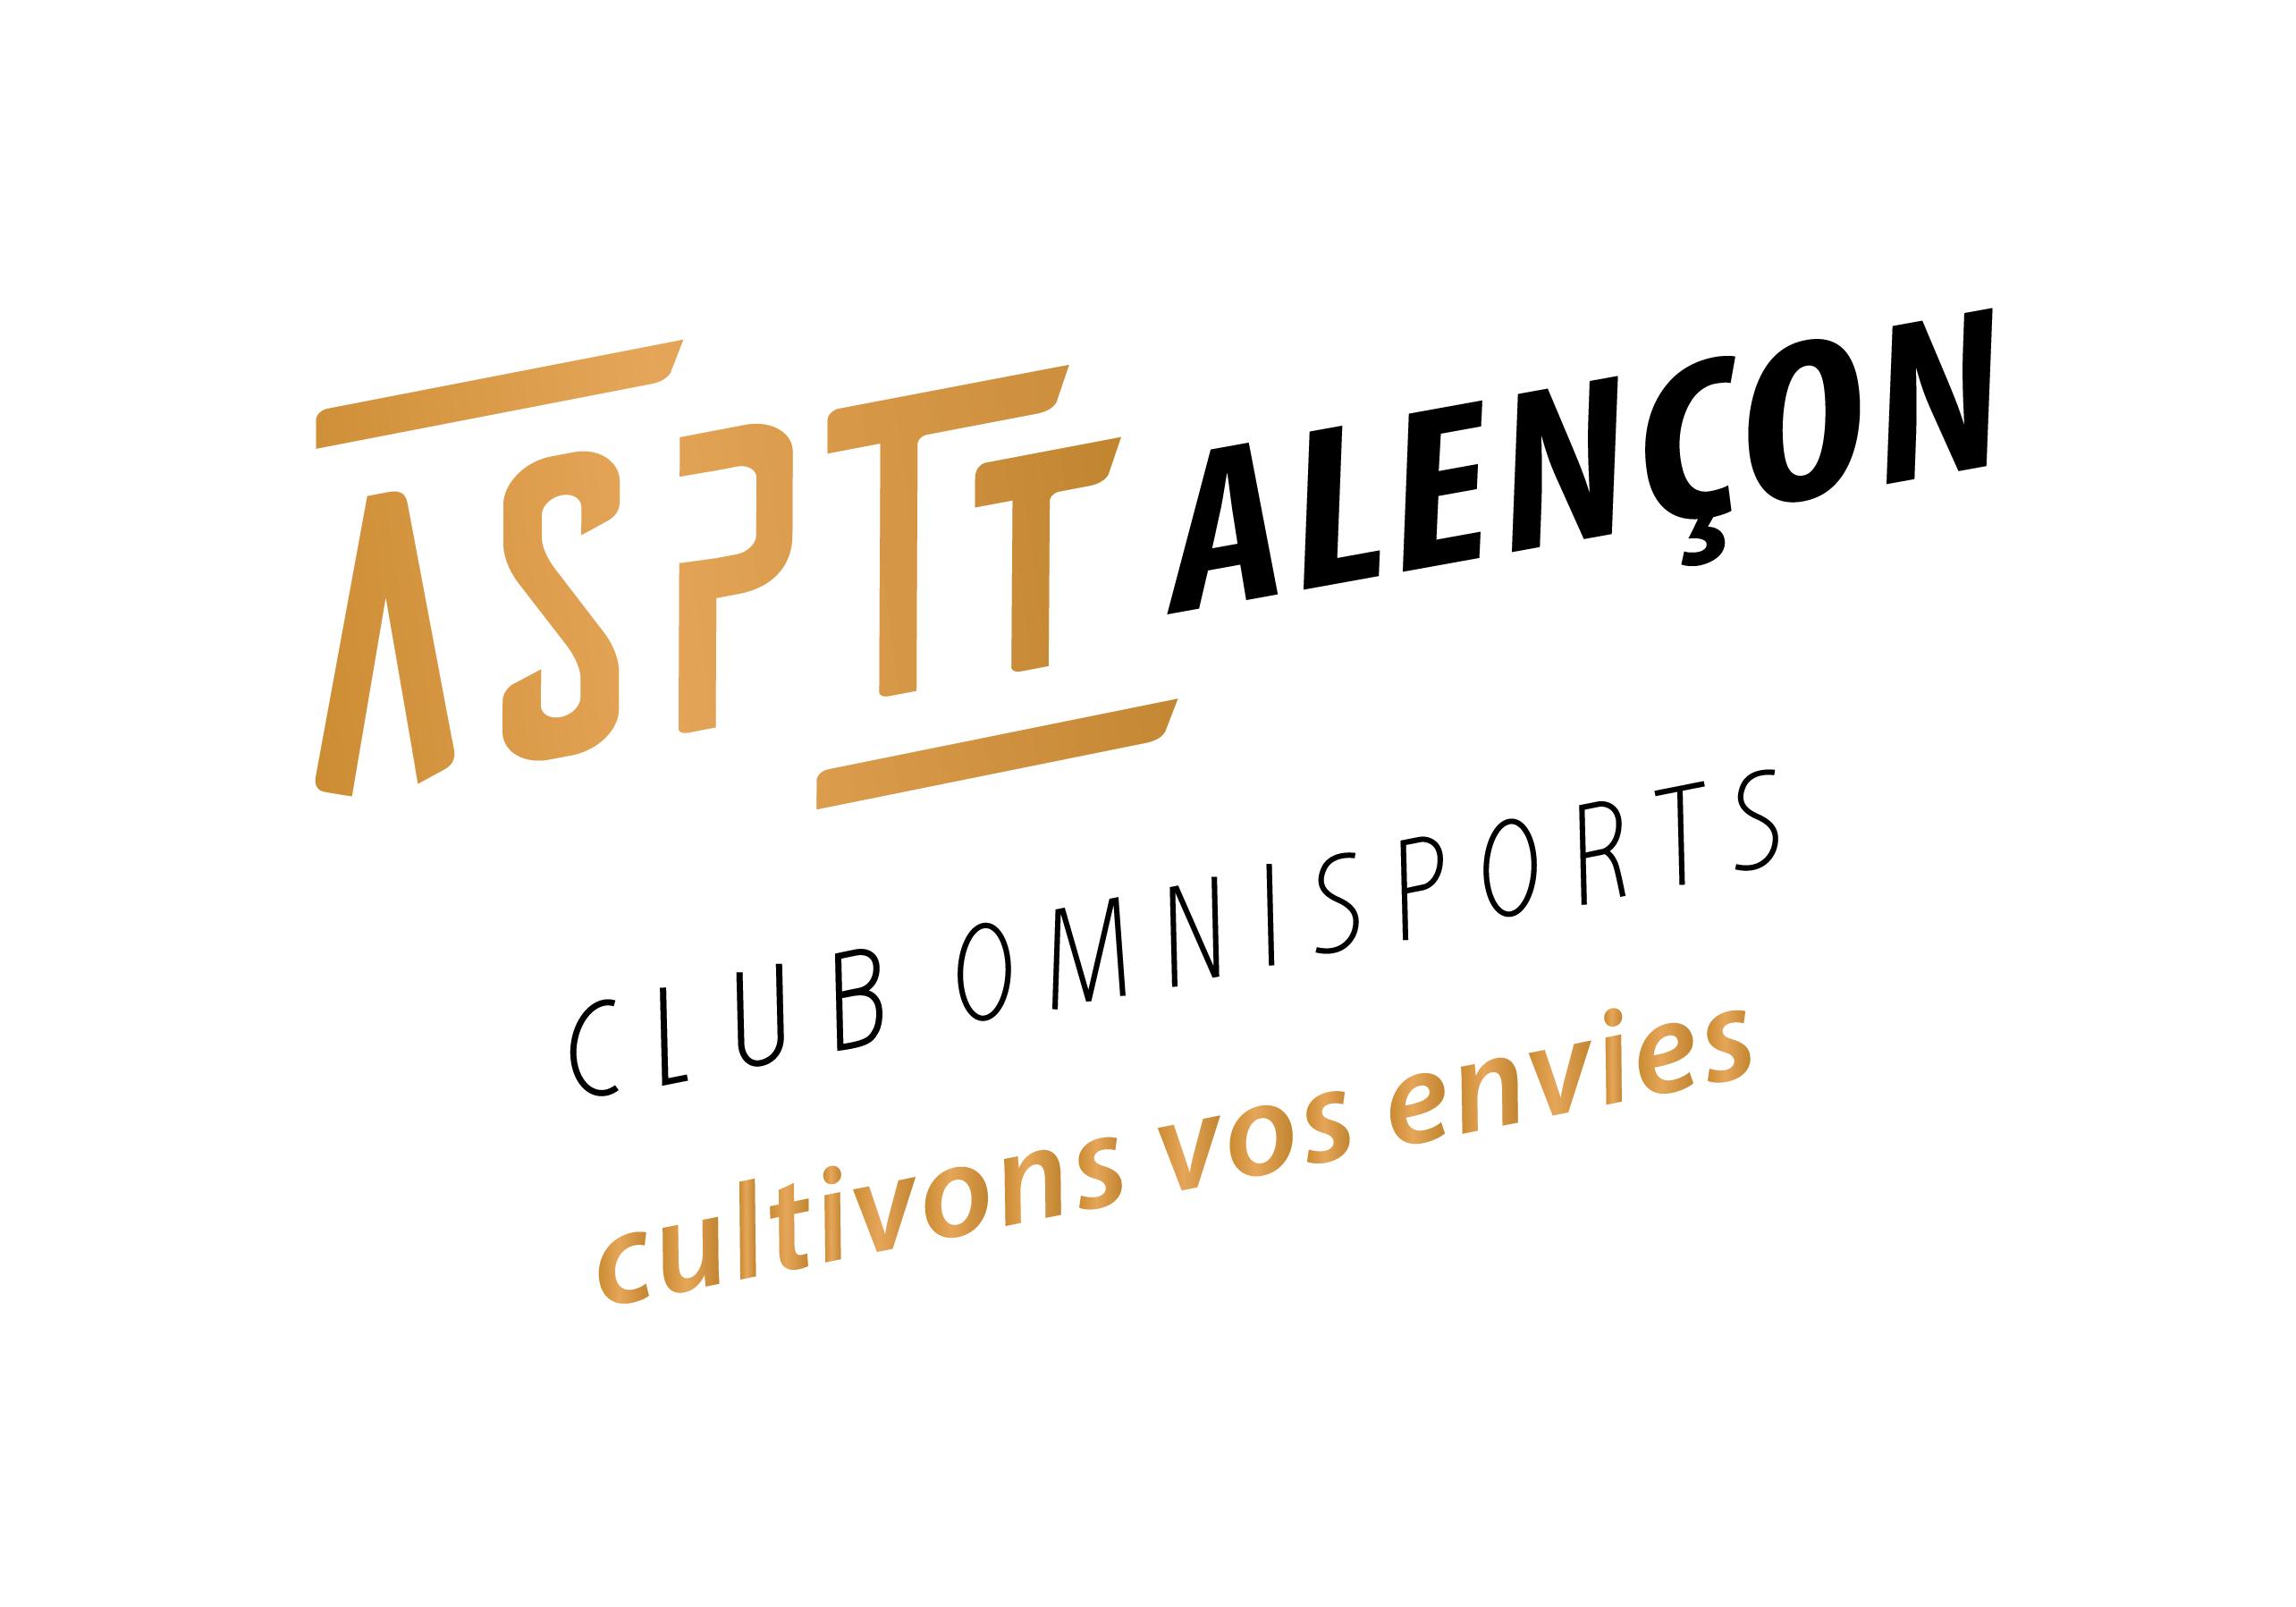 1 club 14 activités - Cultivons vos envies